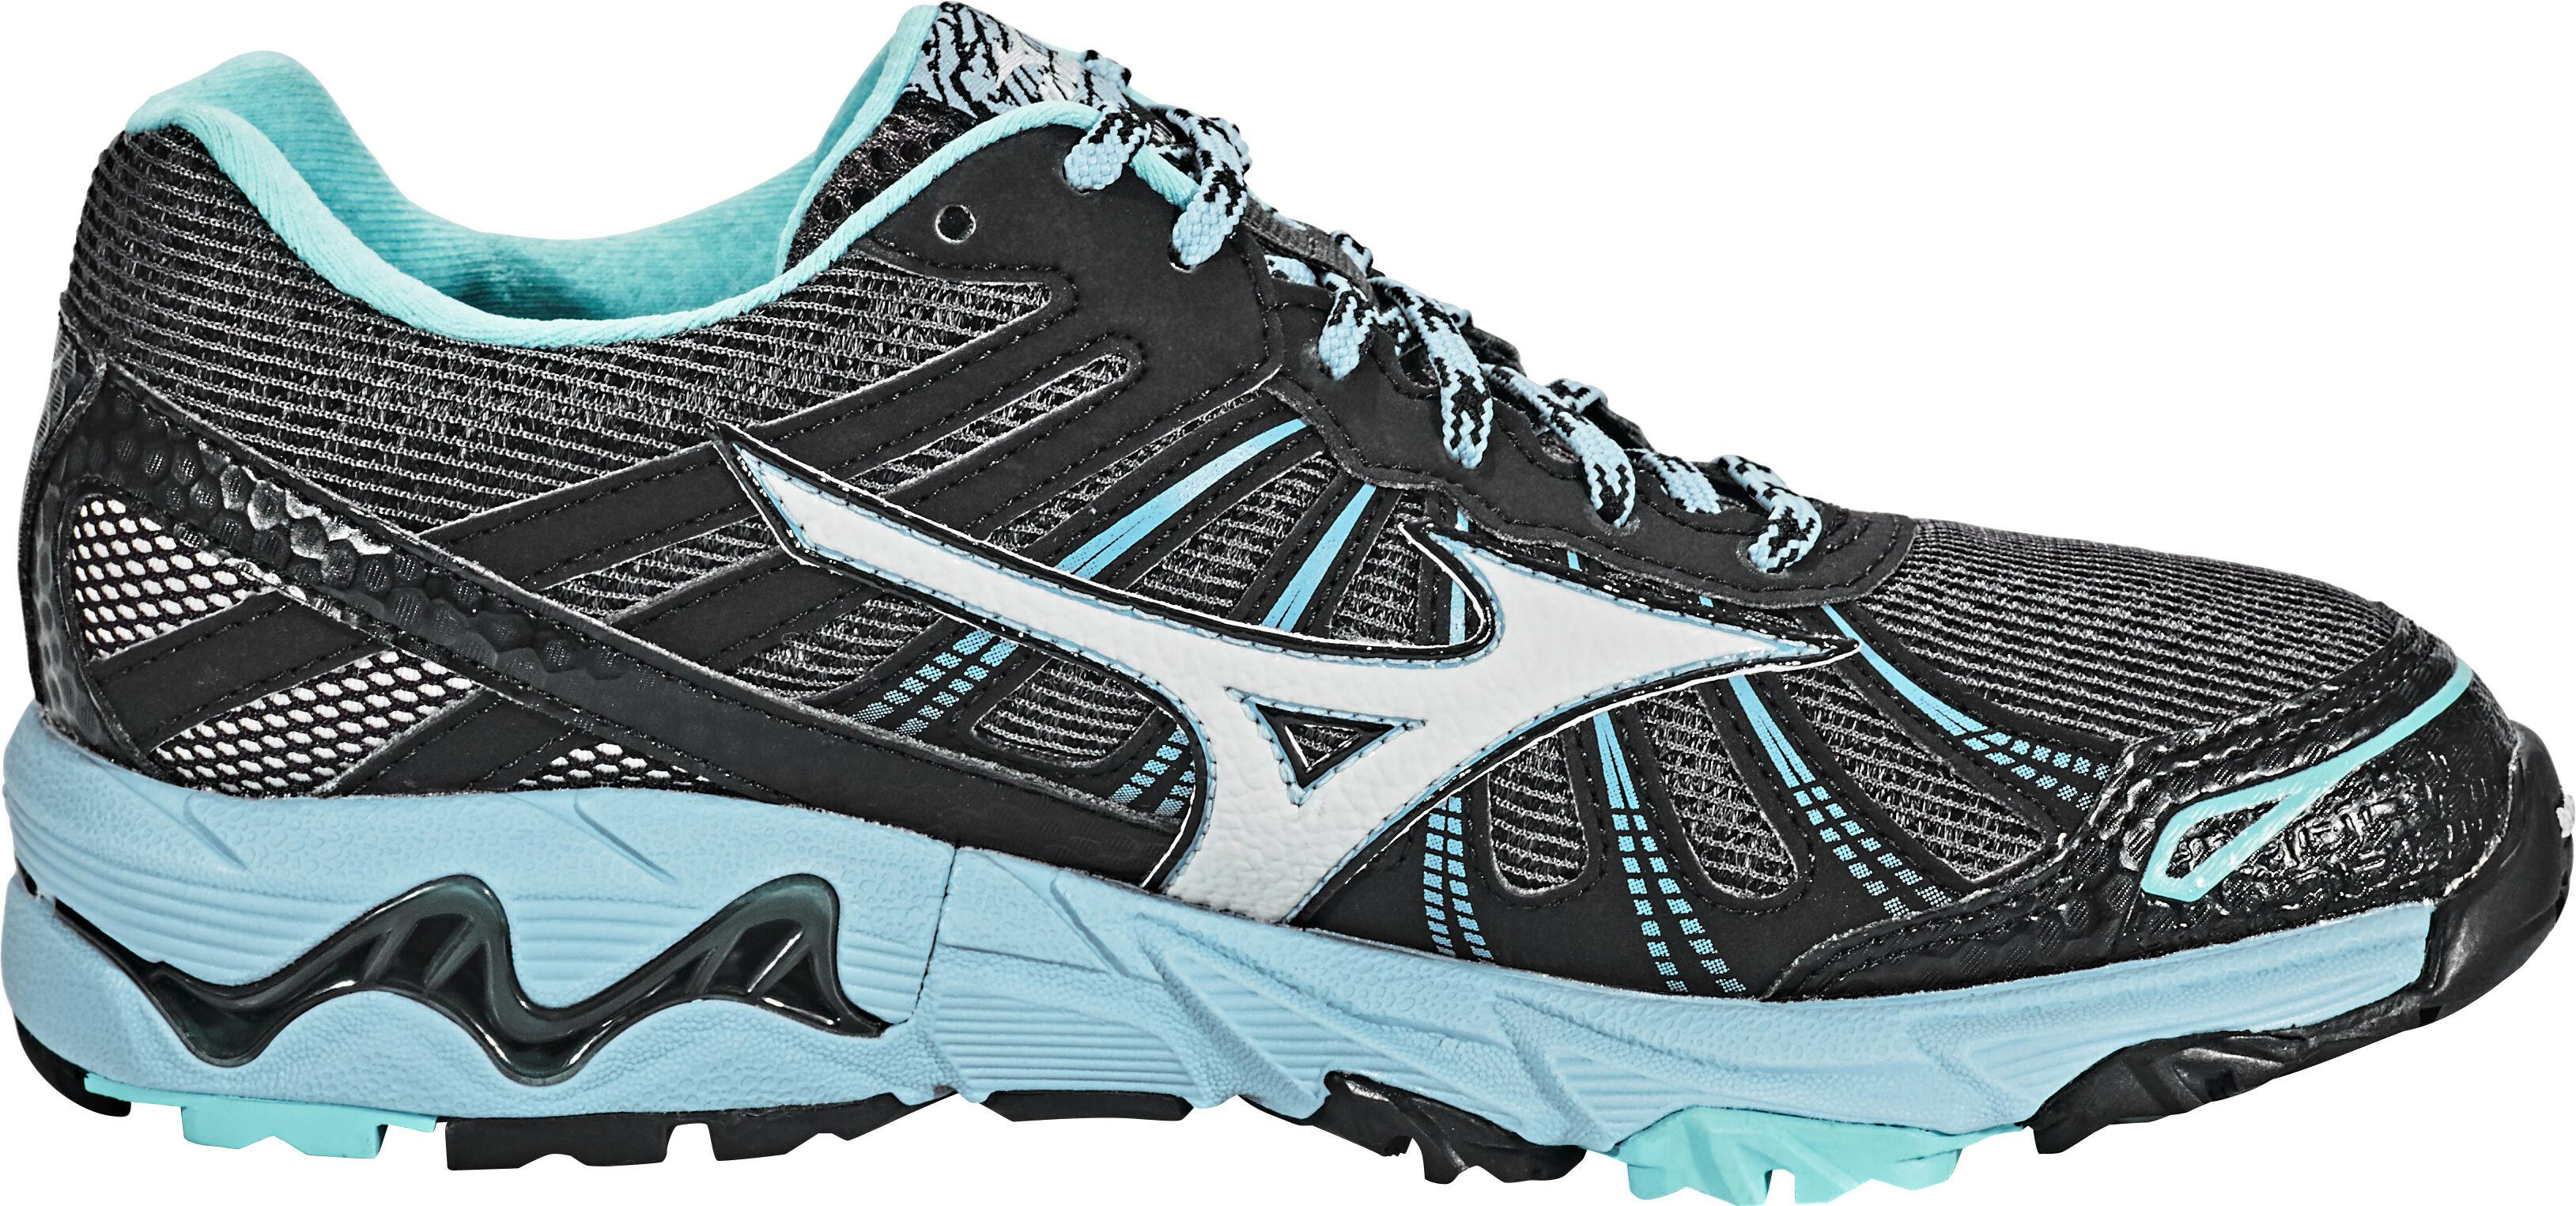 reputable site 4a83e 81fc2 Mizuno Wave Mujin 3 G-TX Running Shoes Women grey turquoise